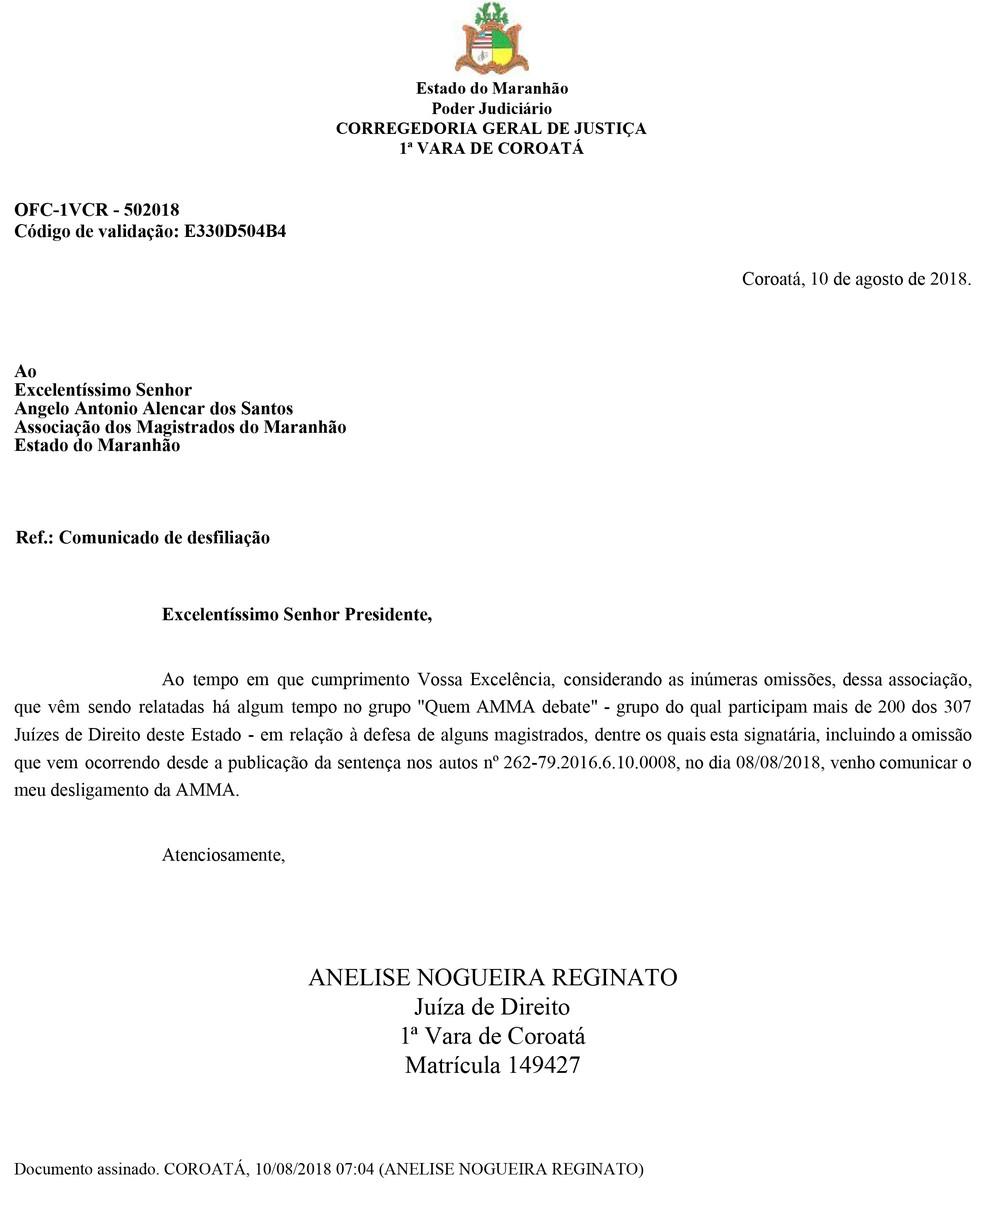 Juíza Anelise Nogueira Reginato comunica por meio de nota seu desligamento da AMMA (Foto: Divulgação/Corregedoria Geral de Justiça)